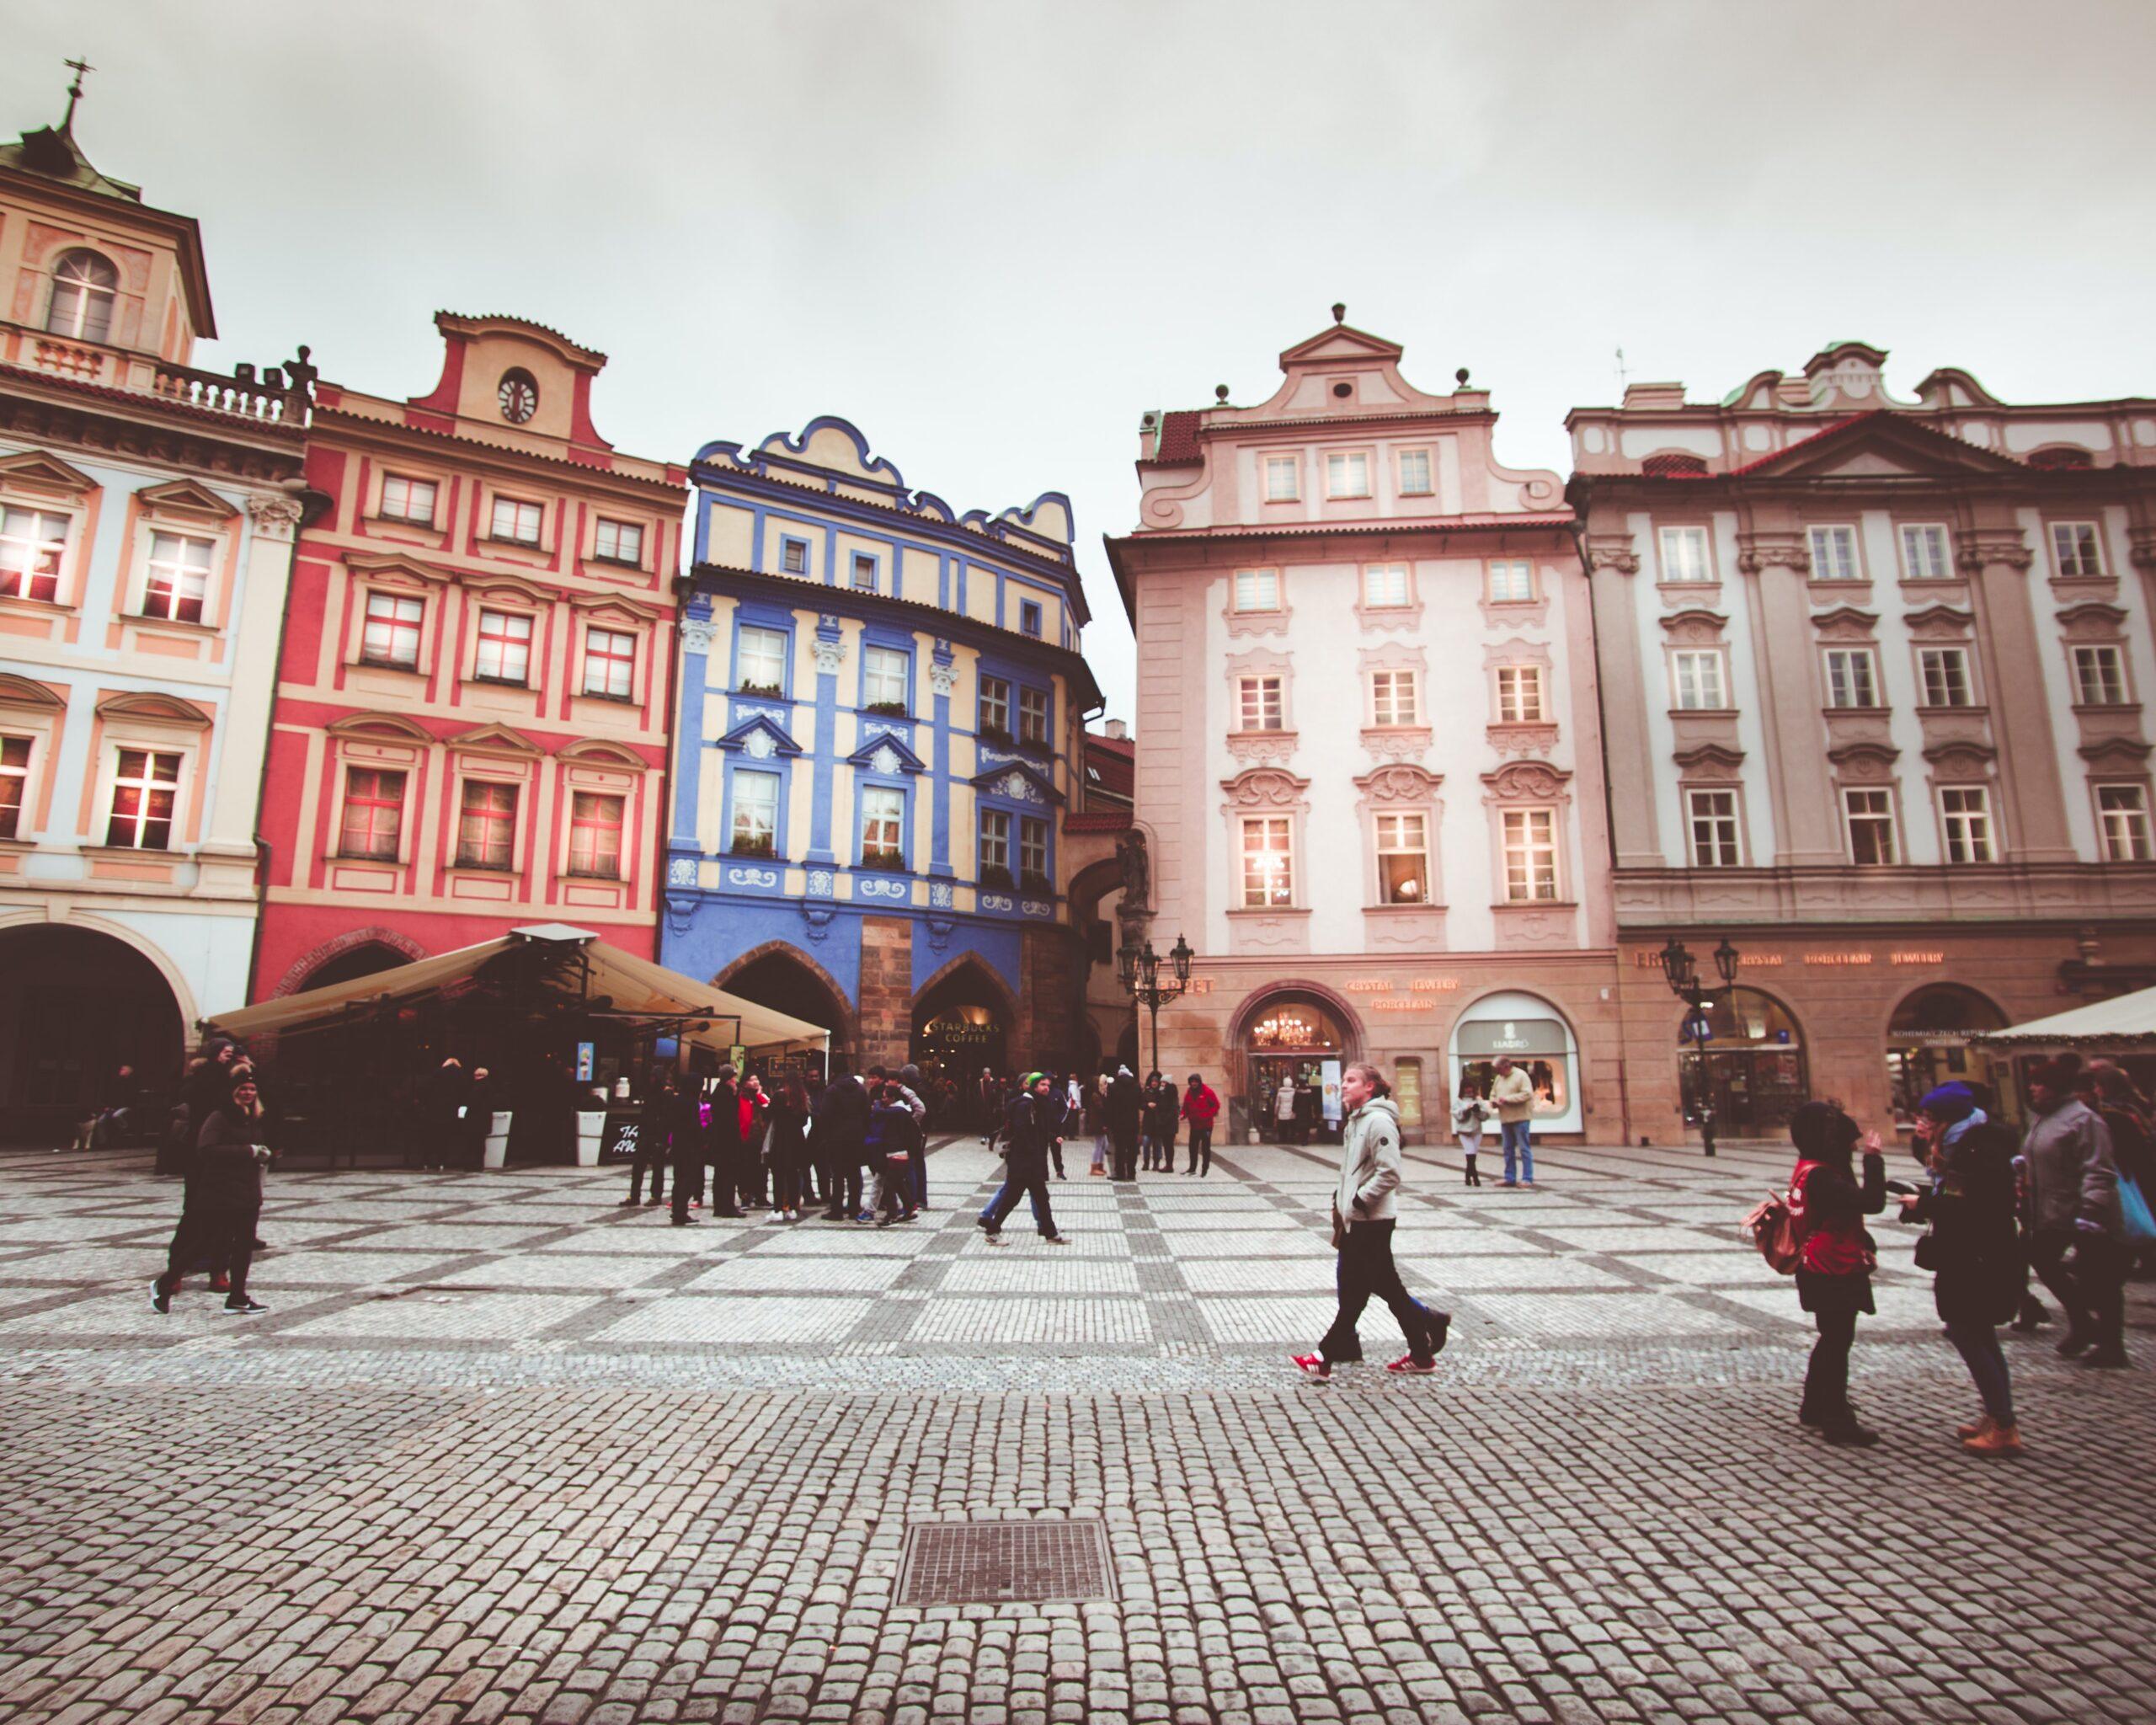 Internationaler Wettbewerb: Prague Market Interspaces